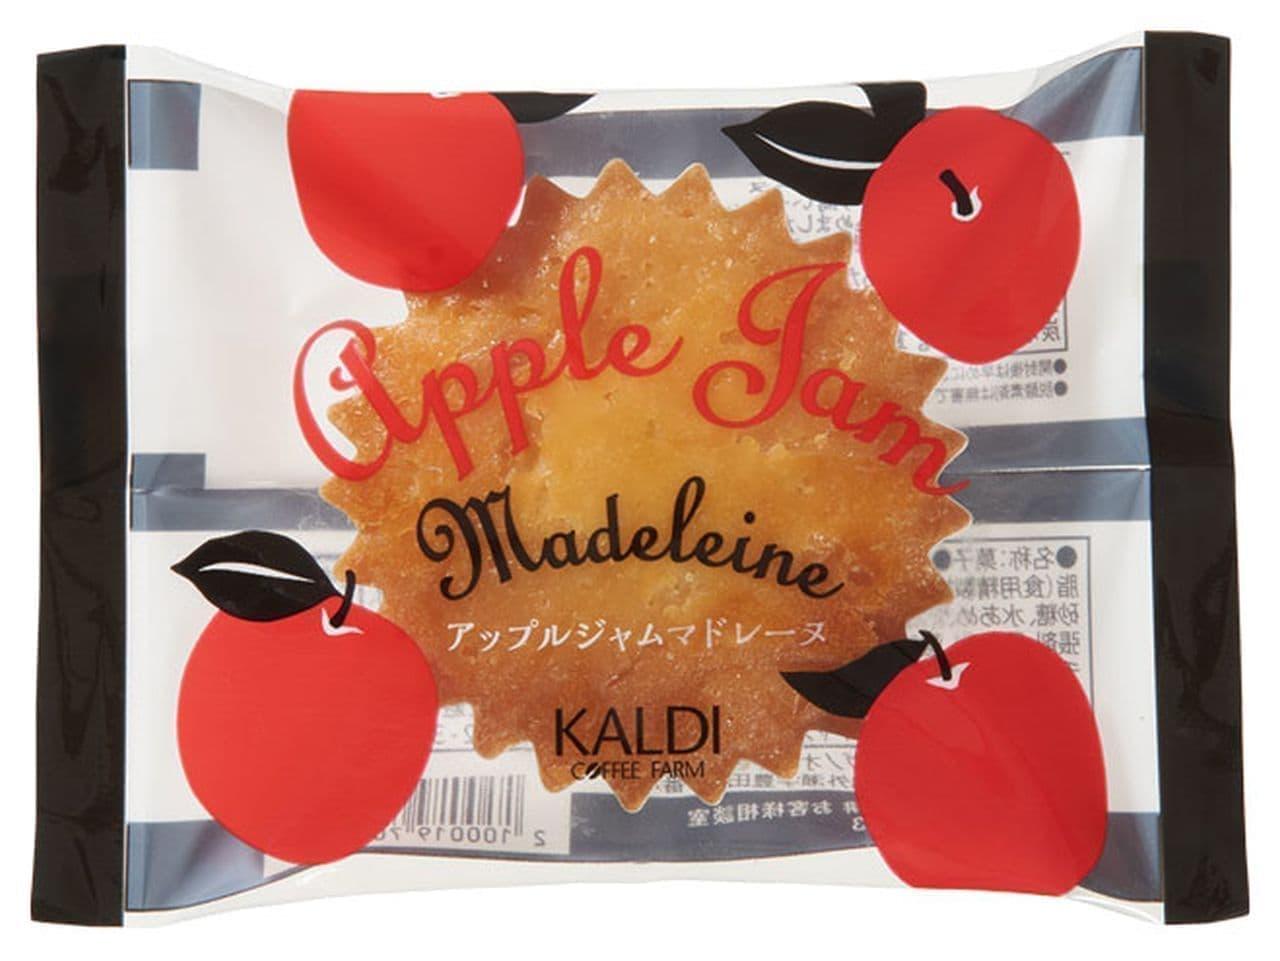 カルディ「オリジナル アップルジャムマドレーヌ(2個)」